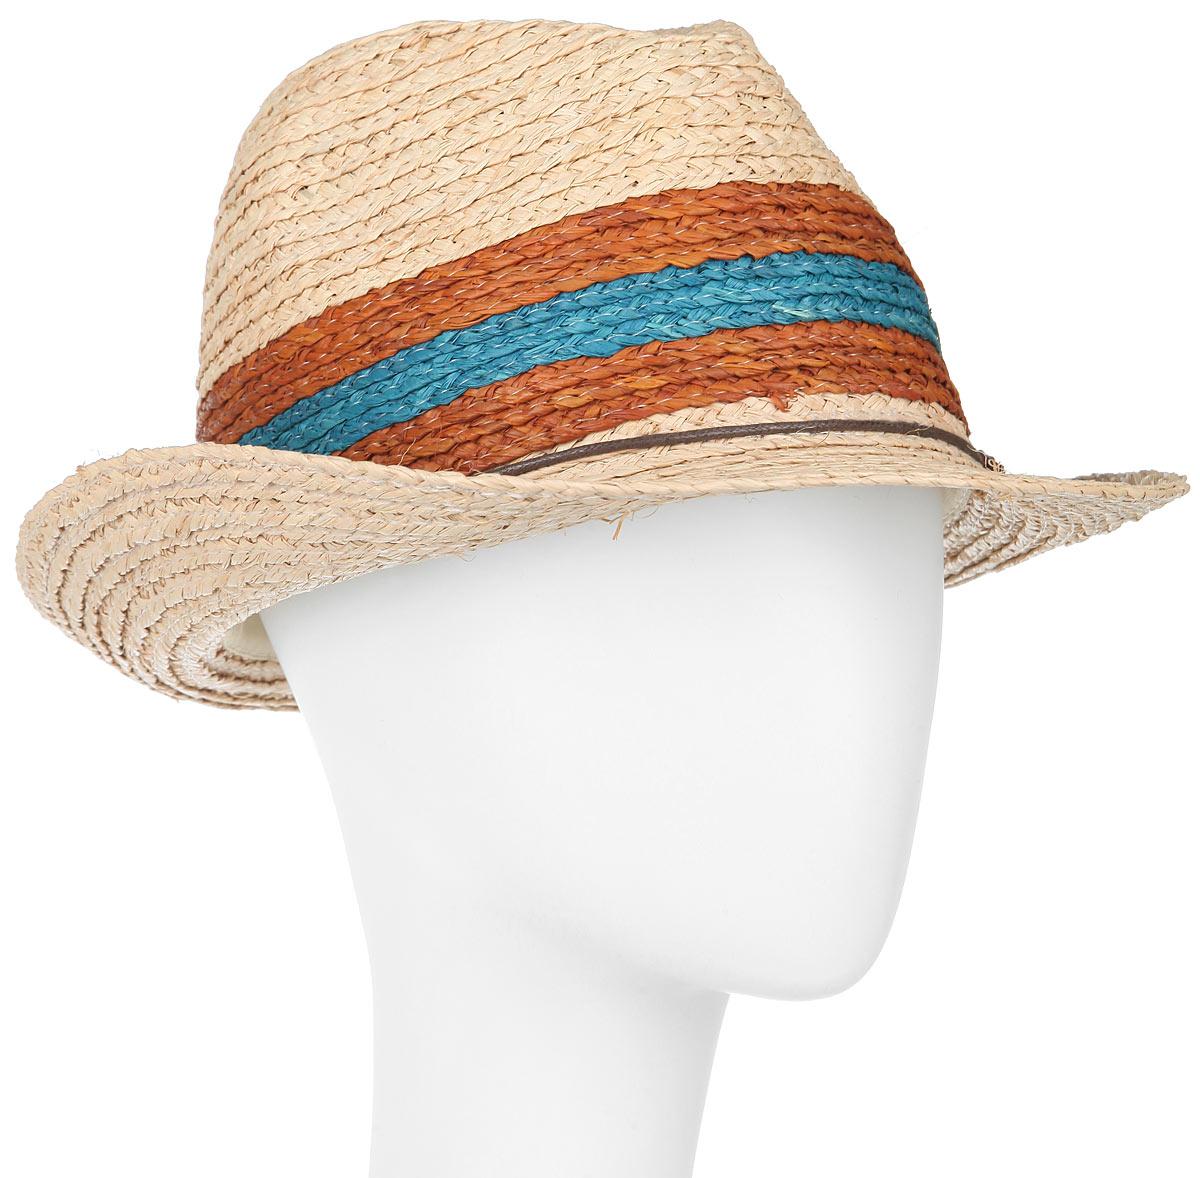 Шляпа мужская Canoe Bahamas, цвет: бежевый, коричневый, синий. 1966020. Размер 591966020Классическая шляпа Canoe Bahamas непременно украсит любой наряд.Шляпа из натуральной соломы оформлена тонким переплетенным ремешком вокруг тульи. Благодаря своей форме, шляпа удобно садится по голове и подойдет к любому стилю. Плетение шляпы позволяет ей пропускать воздух, что обеспечивает необходимую вентиляцию.Такая шляпа подчеркнет вашу неповторимость и дополнит ваш повседневный образ.